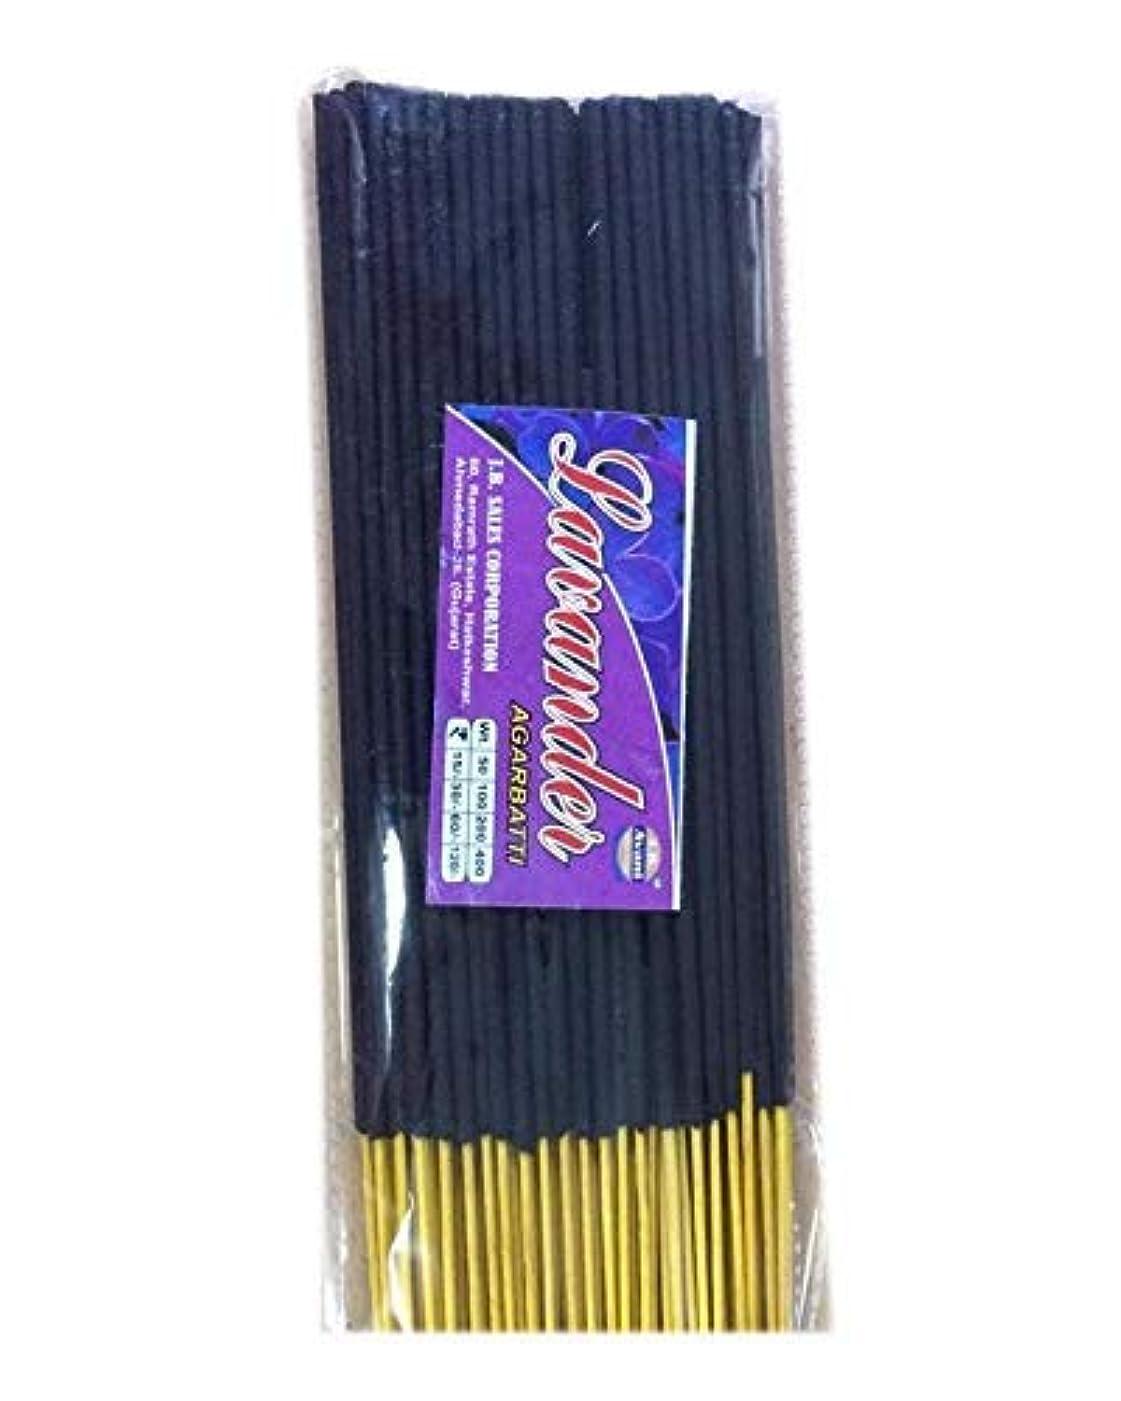 召喚するフォーラムフォーラムAvani Lavender Incense Stick/Agarbatti (400 Gm. Pack)